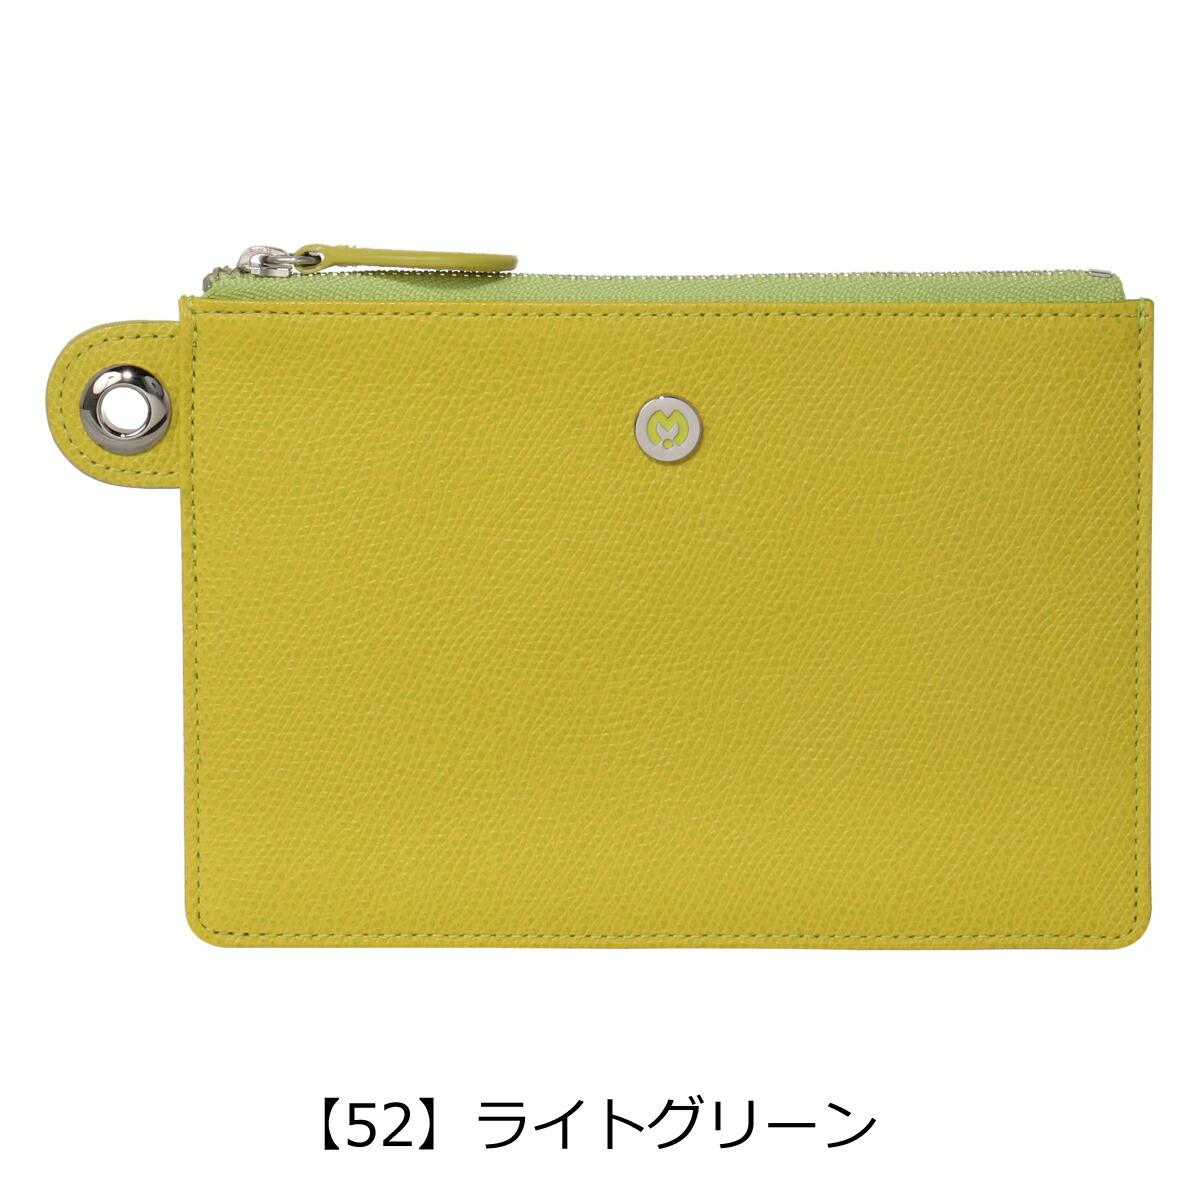 【52】ライトグリーン